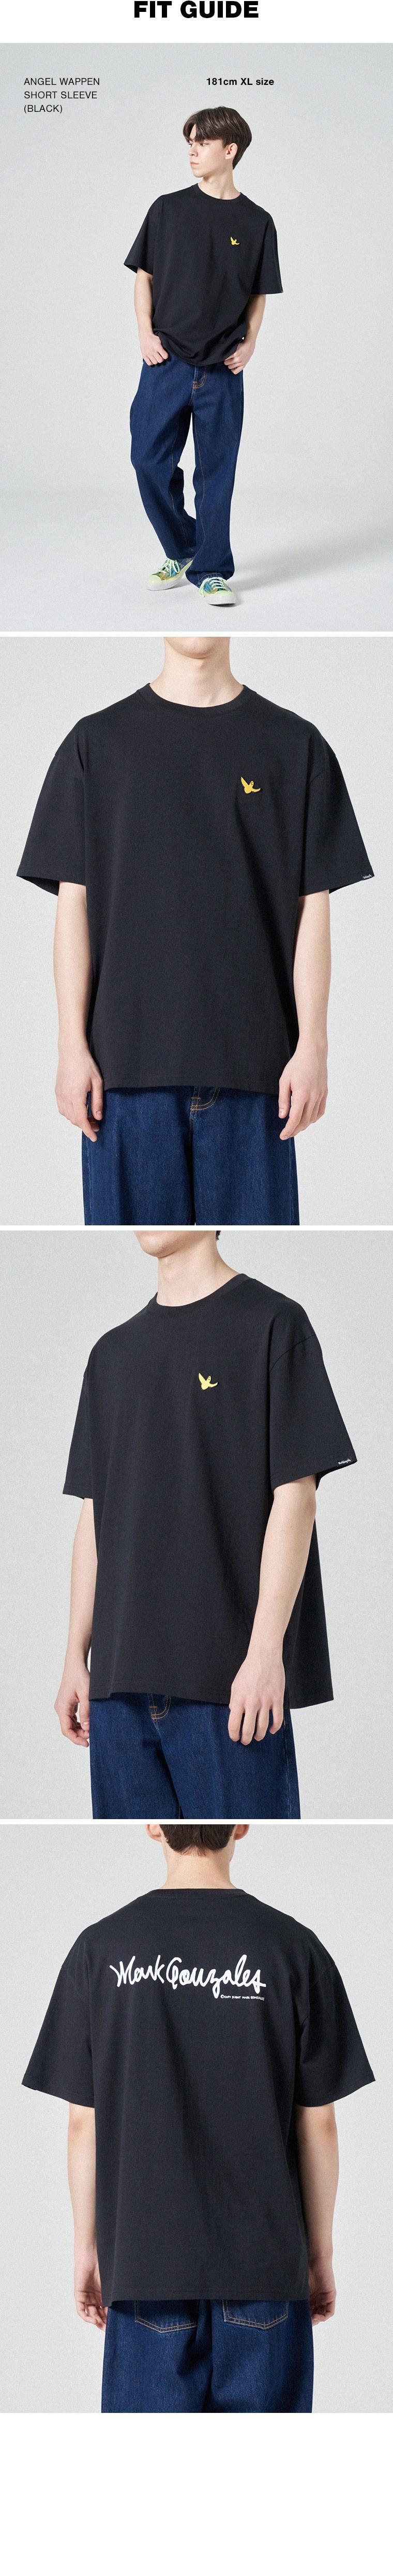 마크 곤잘레스(MARK GONZALES) 엔젤 와펜 반팔 티셔츠 블랙